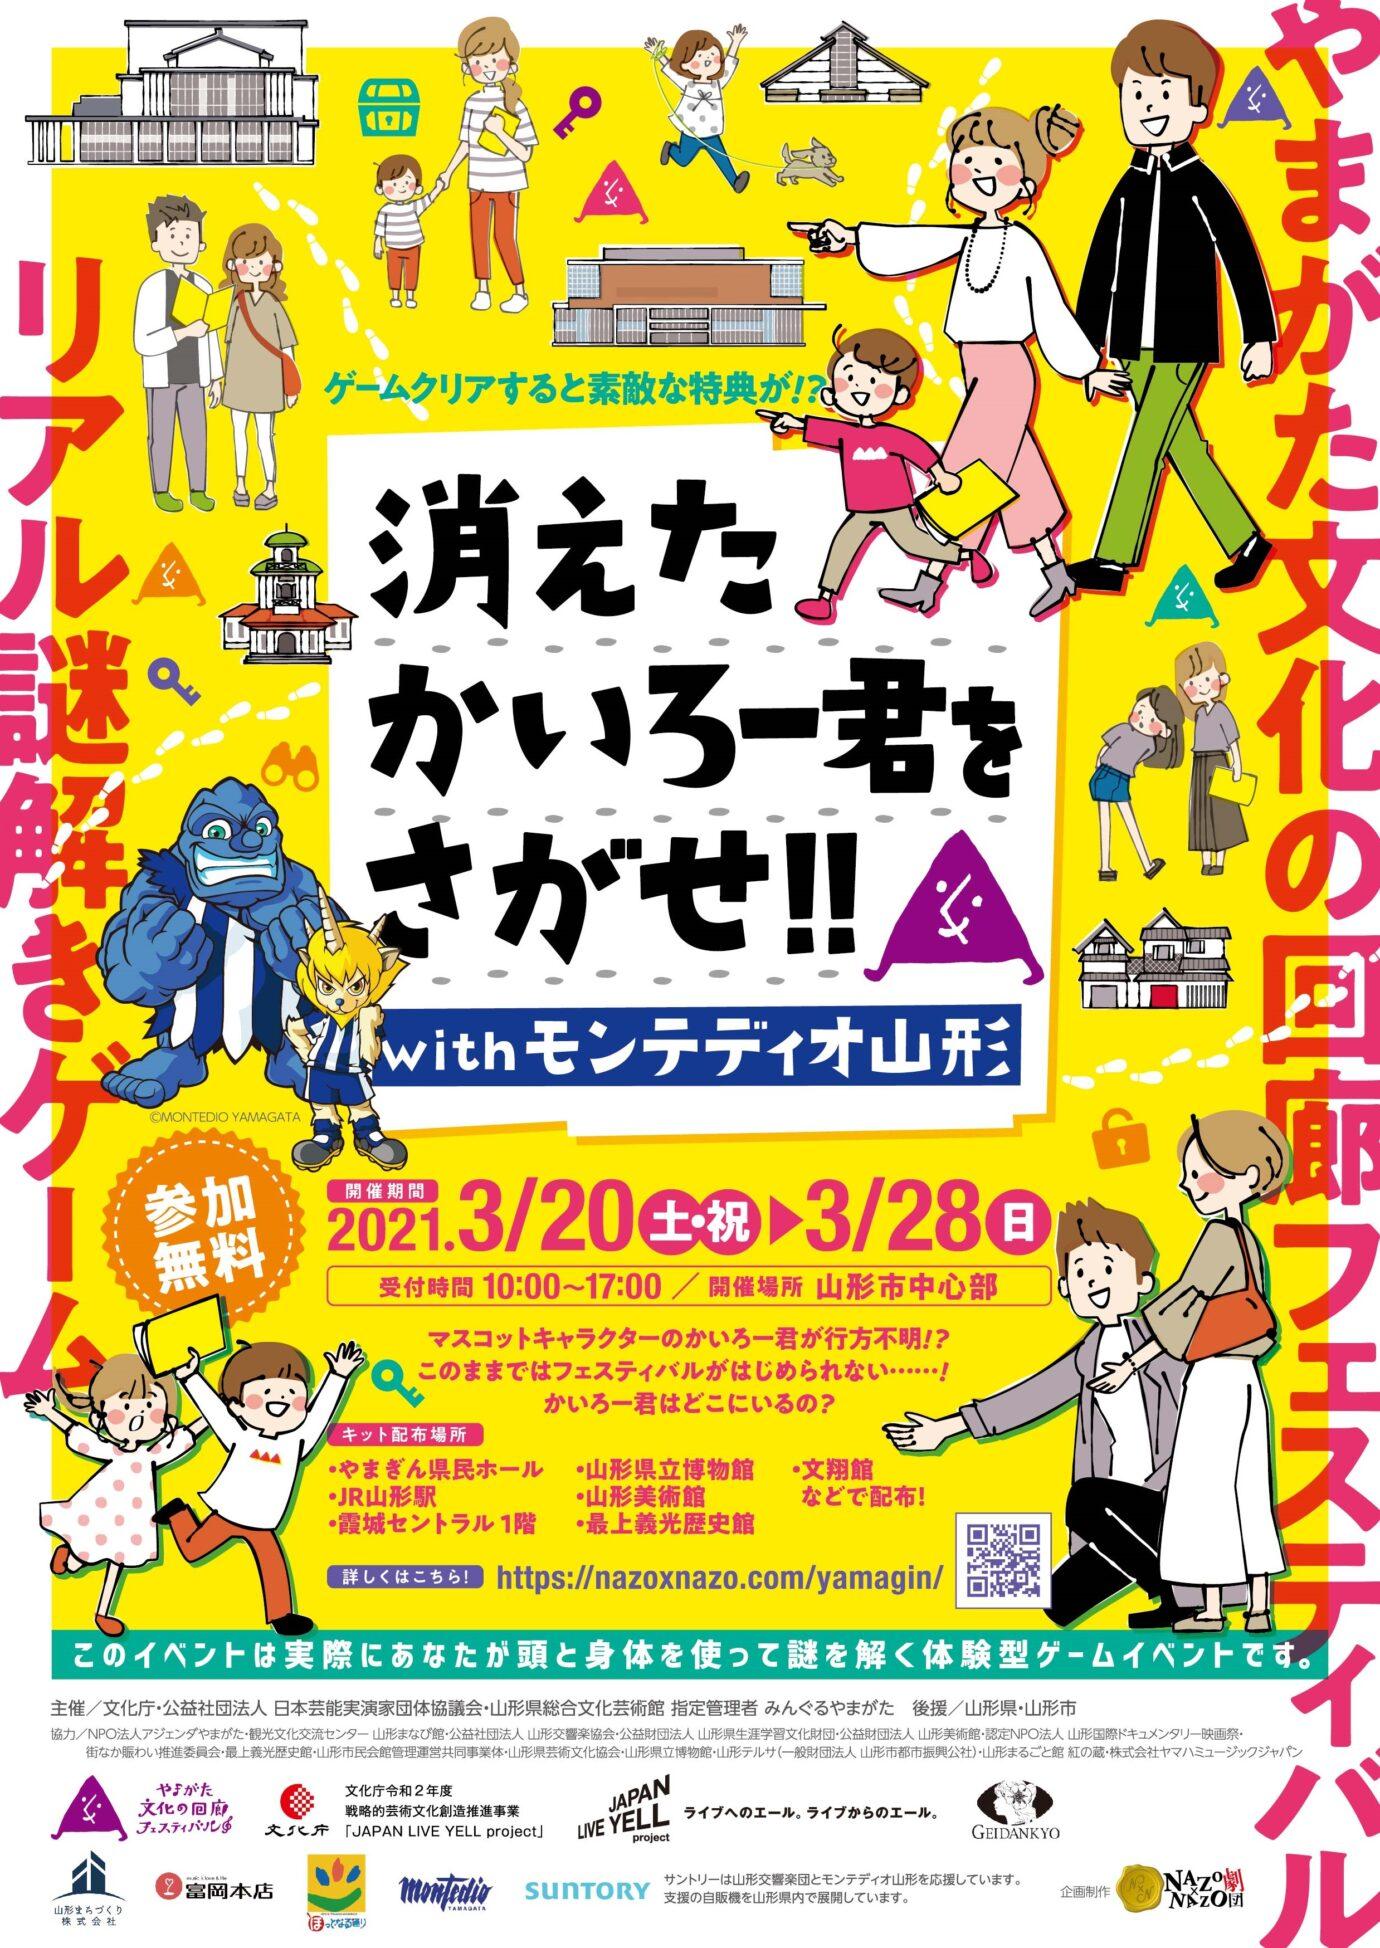 """リアル謎解きゲーム""""消えたかいろー君をさがせ!with モンテディオ山形"""""""